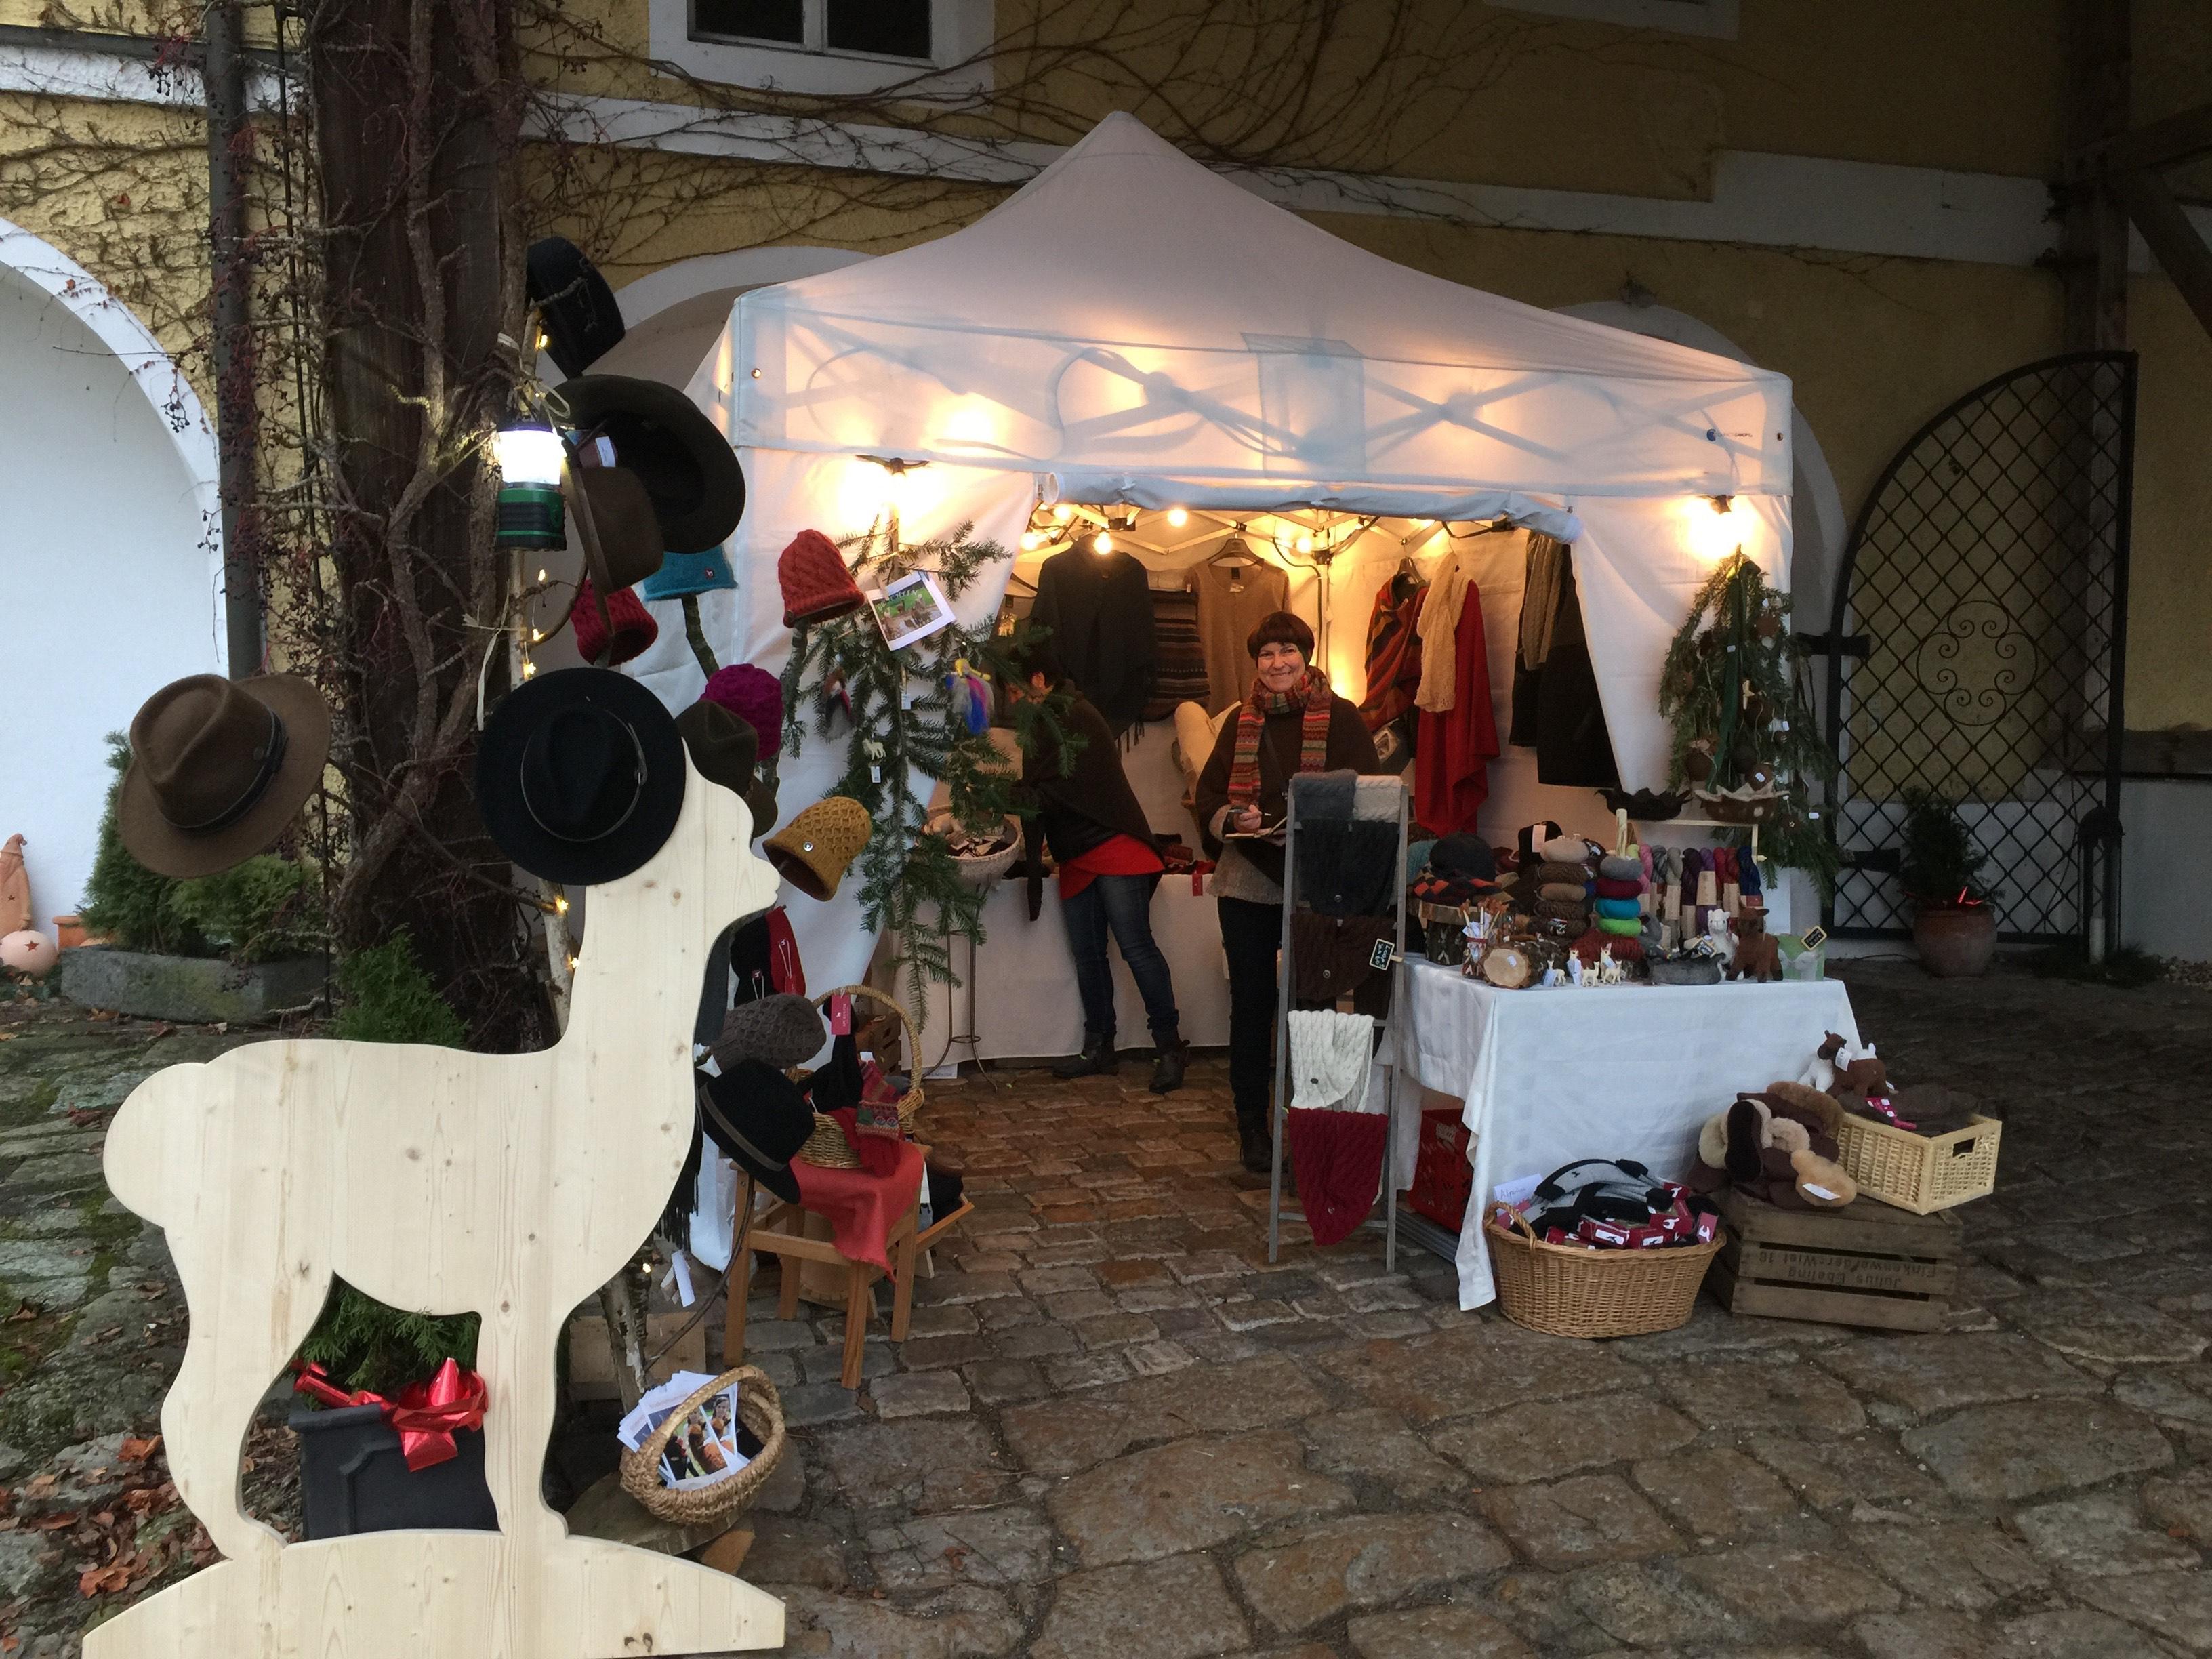 Schon traditionell beschließen wir die Adventszeit auf dem Weihnachtsmarkt in St. Salvator.